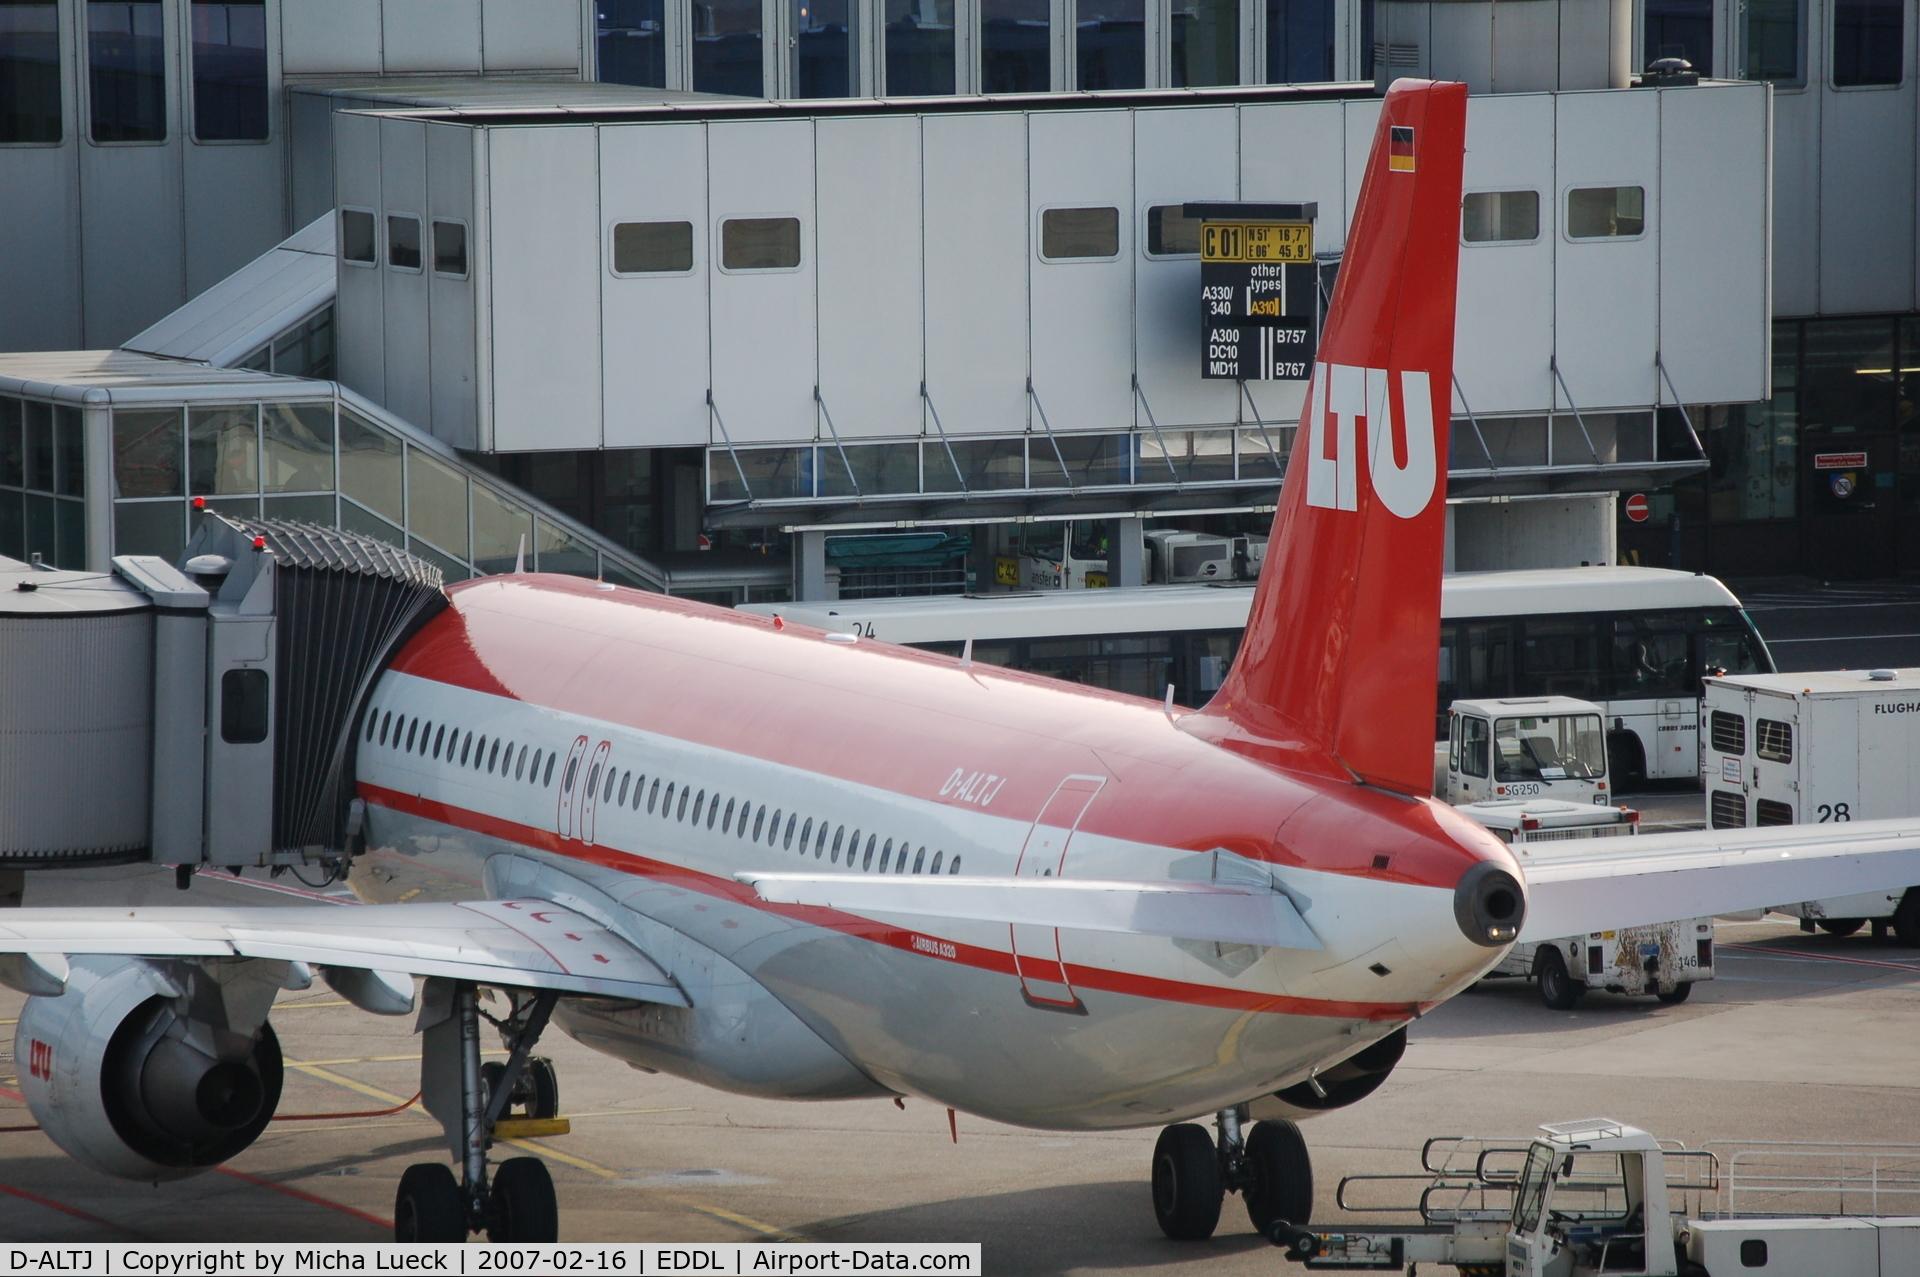 D-ALTJ, 2002 Airbus A320-214 C/N 1838, At Düsseldorf